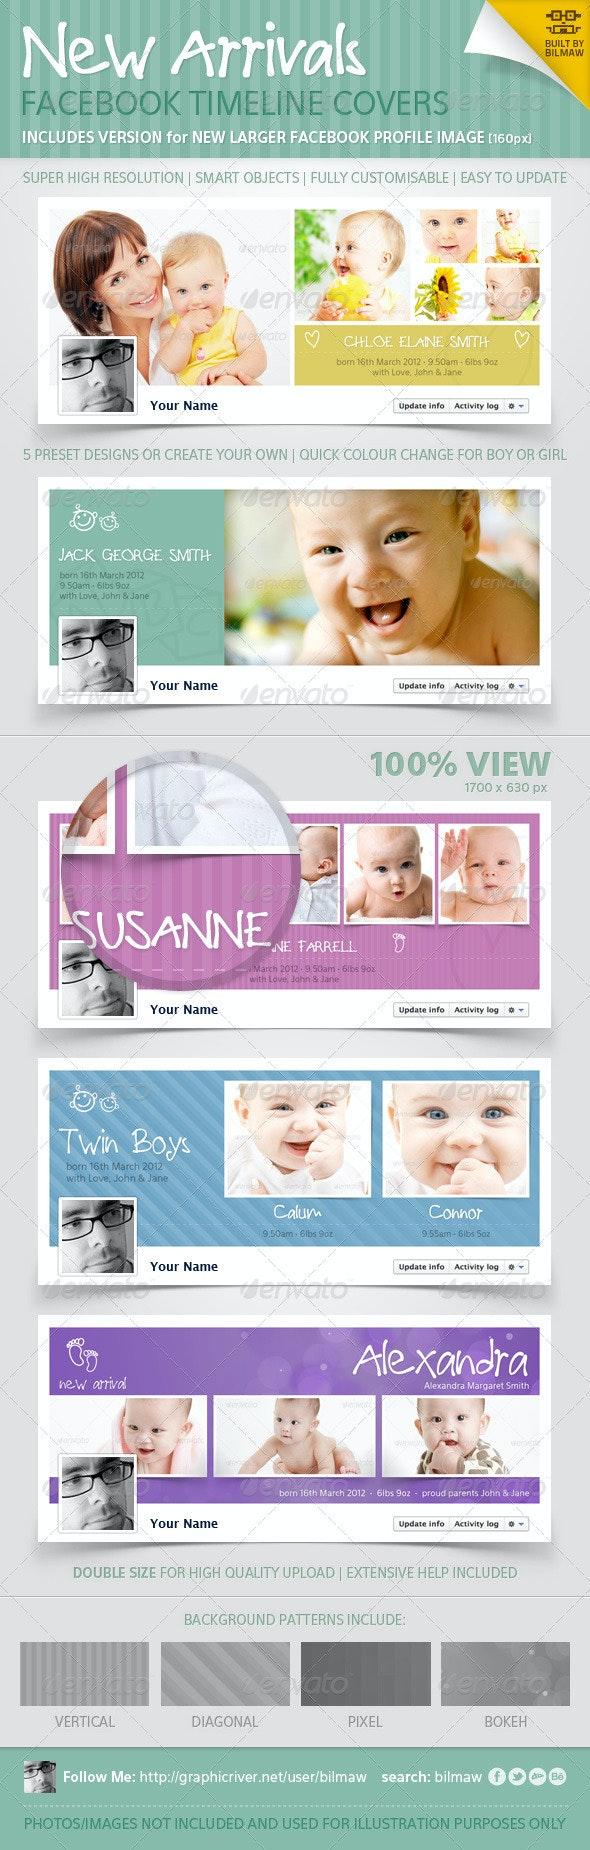 New Arrivals Facebook Timeline Covers - Facebook Timeline Covers Social Media